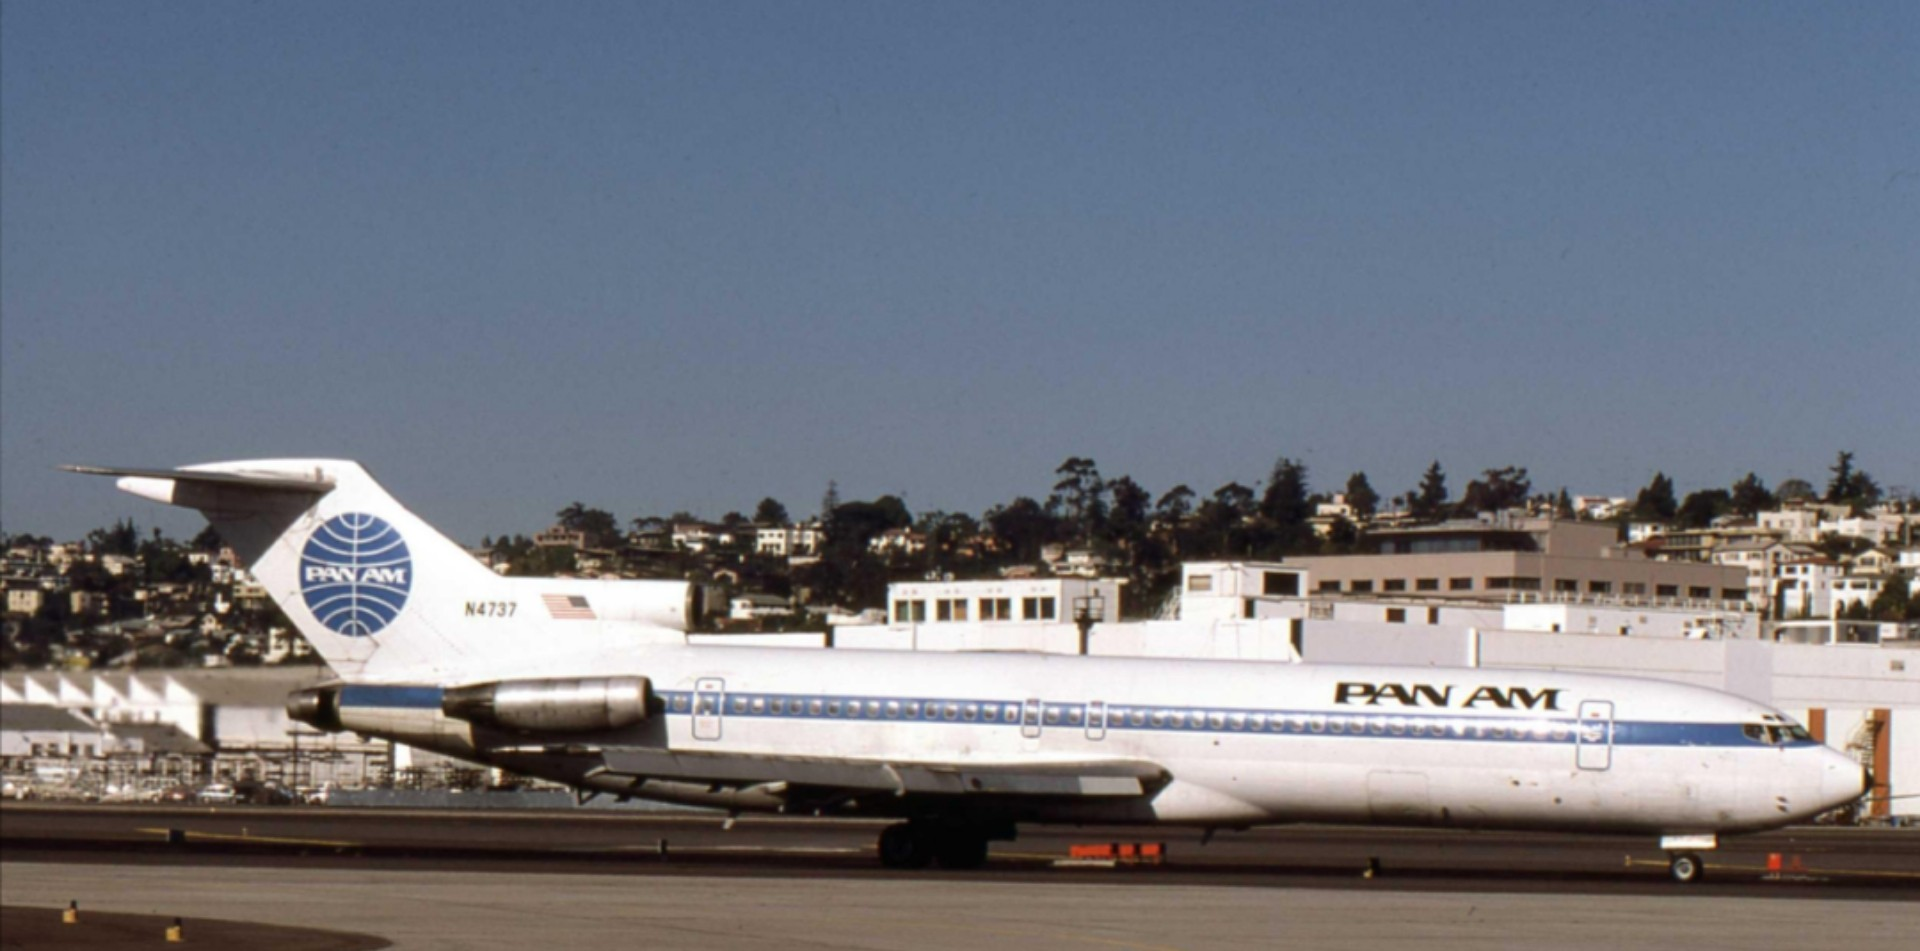 Pan Am Flight 759 Wikipedia